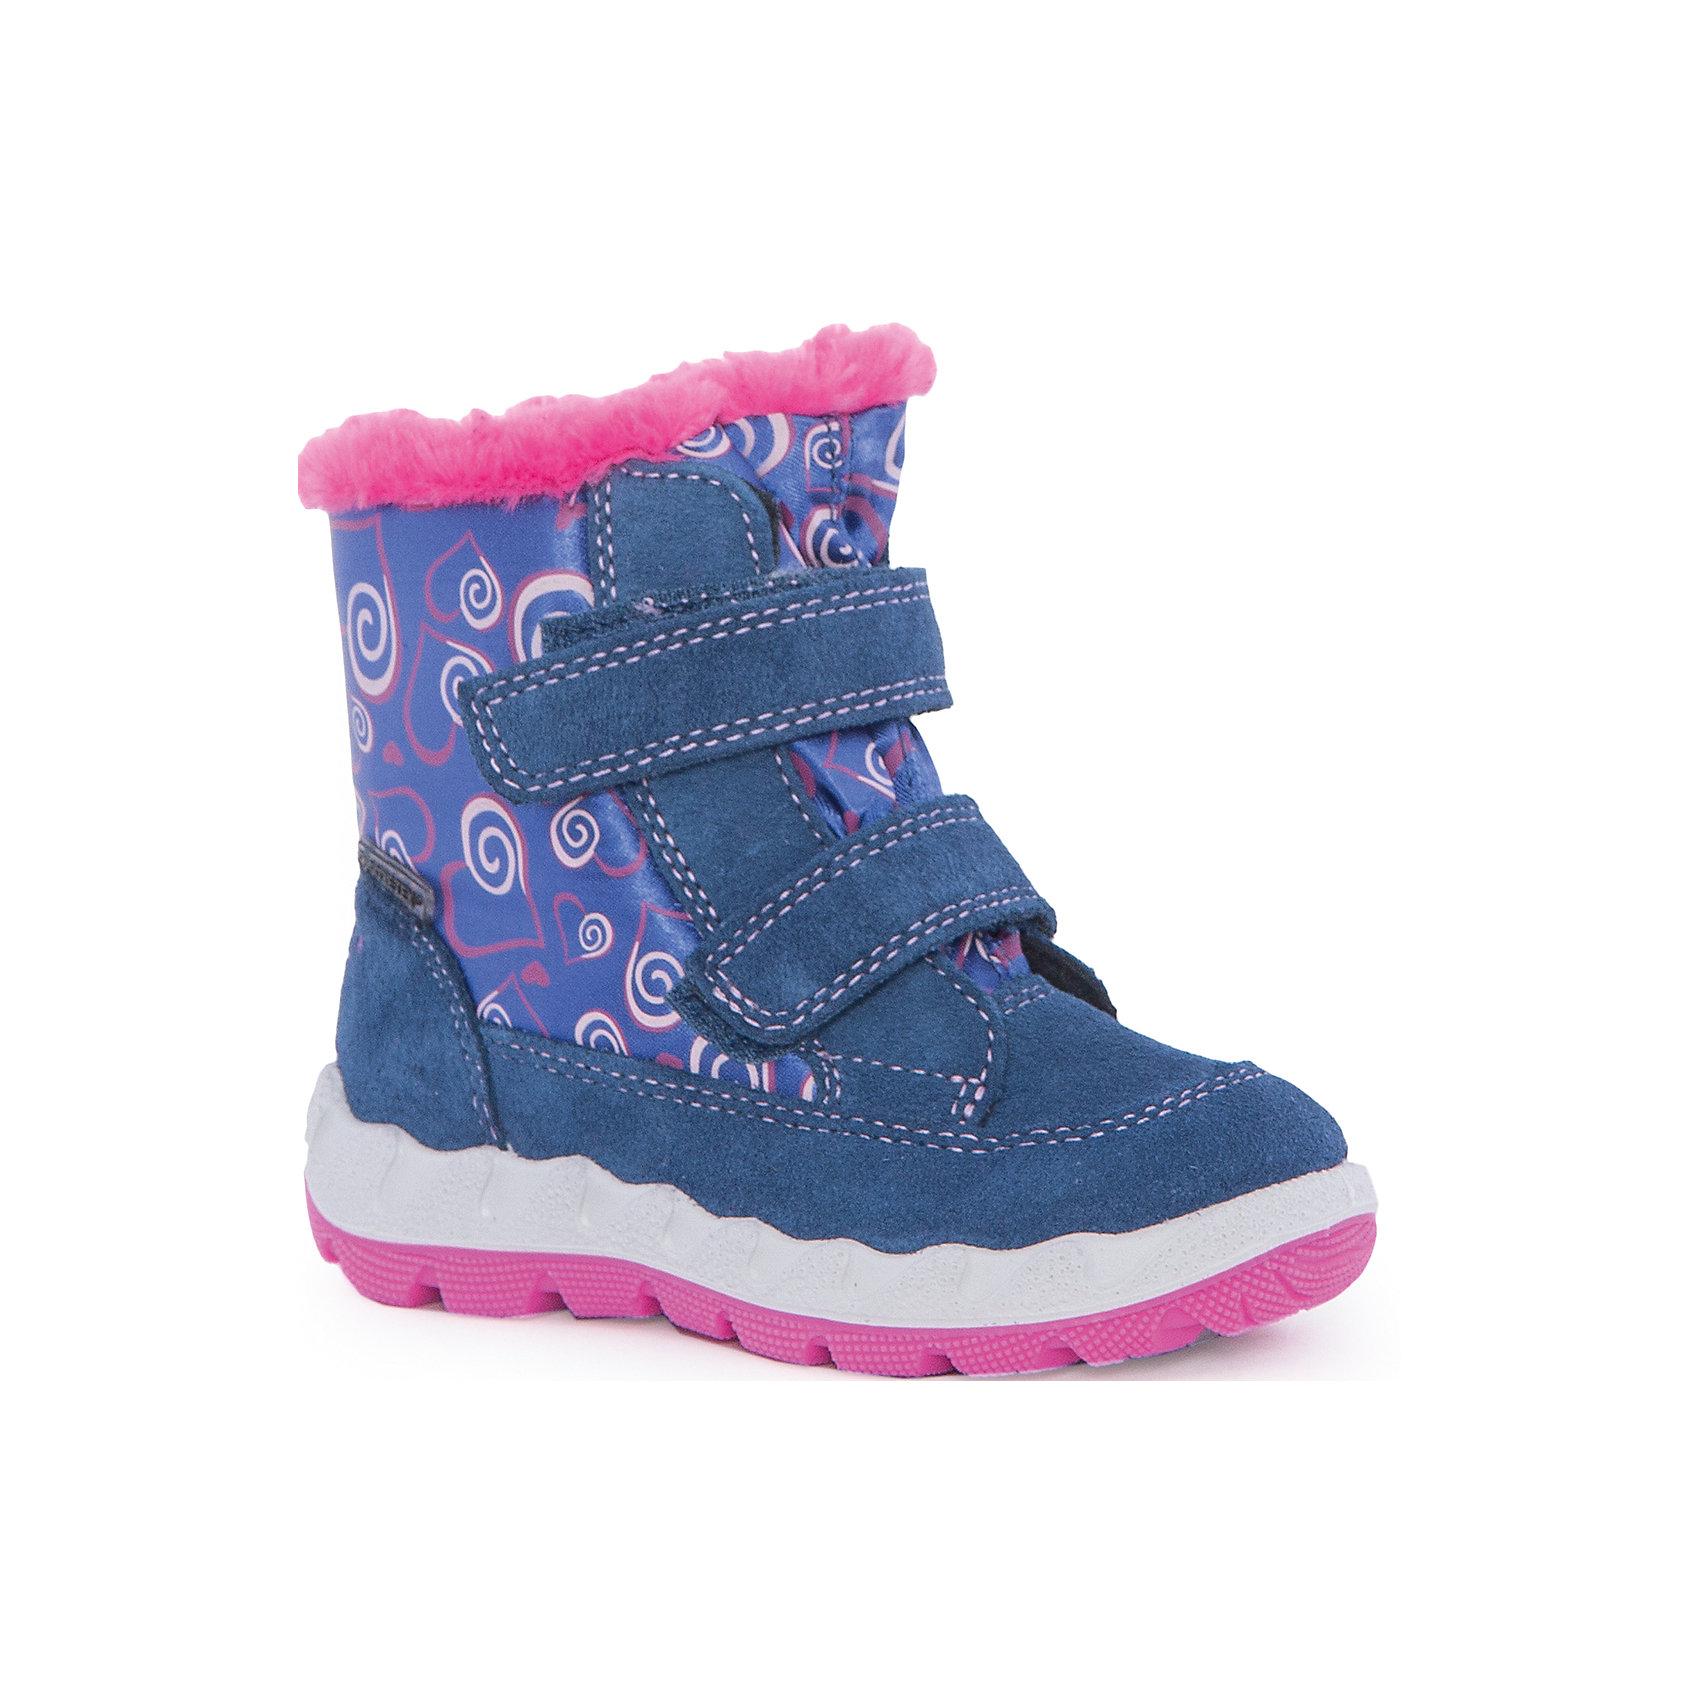 Ботинки для девочки SuperfitОбувь для малышей<br>Характеристики товара:<br><br>• цвет: фиолетовый<br>• материал верха: замша, текстиль<br>• материал подкладки: зимний утеплитель<br>• материал подошвы: полиуретан<br>• температурный режим: от -25° до 0° С<br>• мембранный слой Gore-Tex<br>• подошва не скользит<br>• застежка: липучка<br>• толстая устойчивая подошва<br>• усиленные пятка и носок<br>• страна бренда: Австрия<br>• страна изготовитель: Румыния<br><br>При выборе зимней обуви для ребенка необходимо убедиться, что она удобная и теплая. Такие полусапожки обеспечат детям комфорт даже в морозы, а мембранный слой позволит ножкам оставаться в тепле и сухости: мембрана Gore-Tex выводит жидкость наружу, позволяет коже дышать, не пропуская влагу внутрь обуви. Полусапожки легко снимаются и надеваются, хорошо сидят на ноге. Внутри - специальная теплая подкладка, с которой холода не страшны!<br>Обувь от бренда SUPERFIT - это качественные товары, произведенные с применением последних разработок и с использованием как натуральных, так и высокотехнологичных материалов. Обувь выделяется стильным дизайном и проработанными деталями. Изделие производится из качественных и проверенных материалов, которые безопасны для детей.<br><br>Полусапоги для девочки от бренда SUPERFIT можно купить в нашем интернет-магазине.<br><br>Ширина мм: 257<br>Глубина мм: 180<br>Высота мм: 130<br>Вес г: 420<br>Цвет: синий<br>Возраст от месяцев: 48<br>Возраст до месяцев: 60<br>Пол: Женский<br>Возраст: Детский<br>Размер: 28,23,24,25,26,27<br>SKU: 5137614